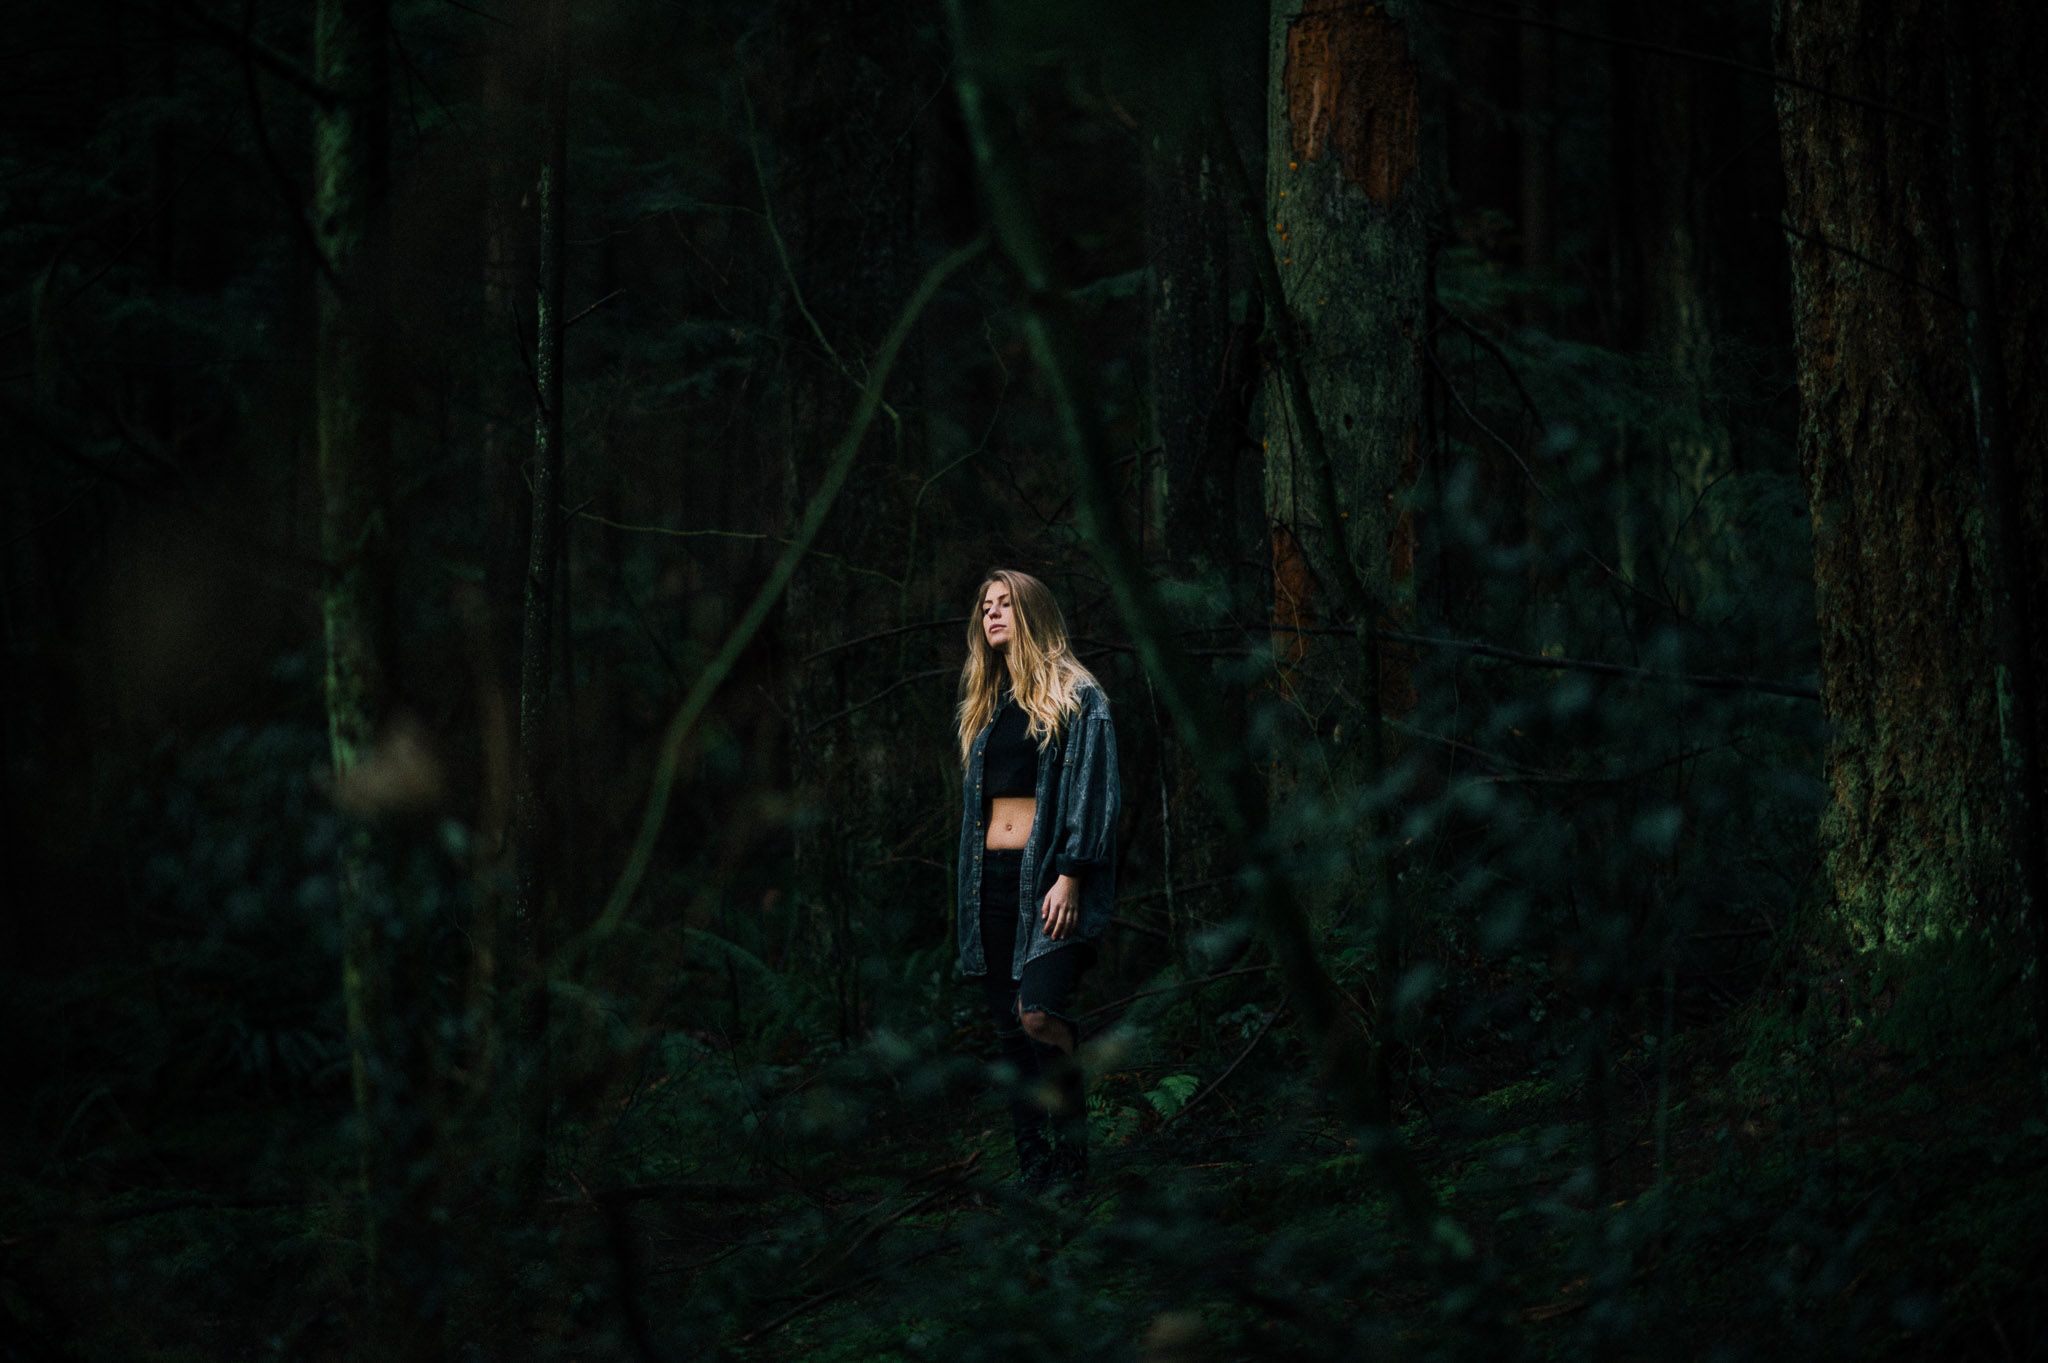 vancouver_portrait_photographer_iamjohnyoo